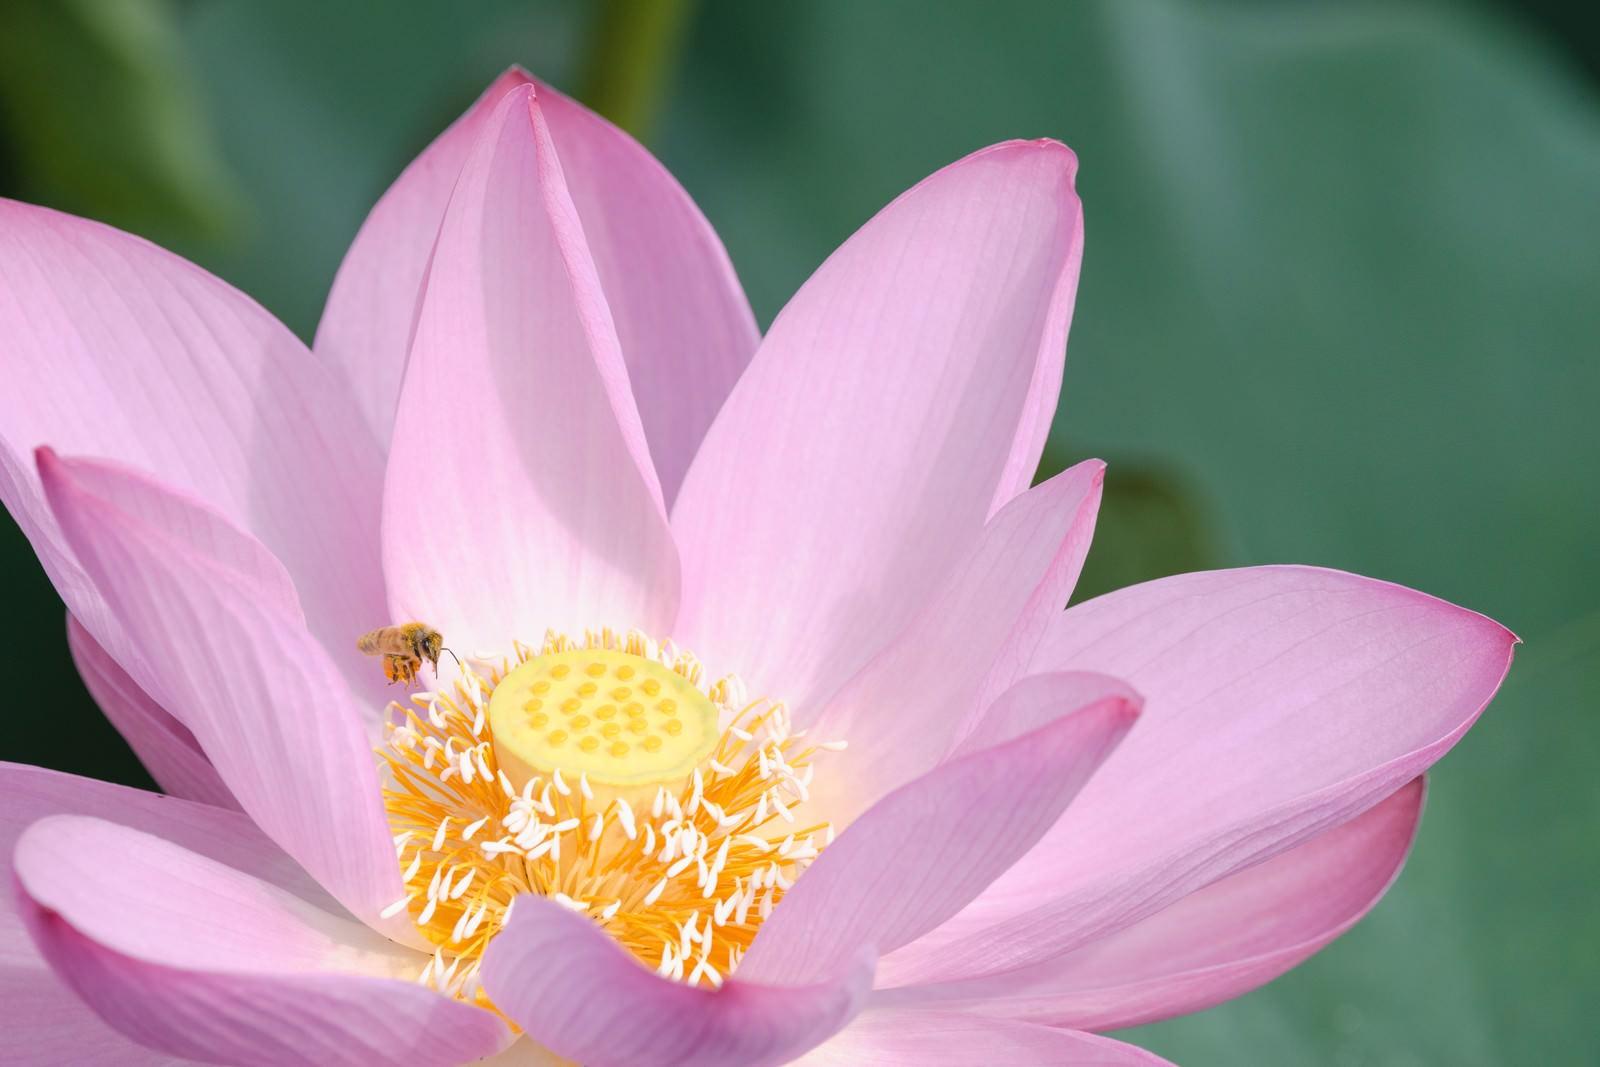 「蓮の雄しべにとまる蜂(埼玉県川越市伊佐沼)」の写真